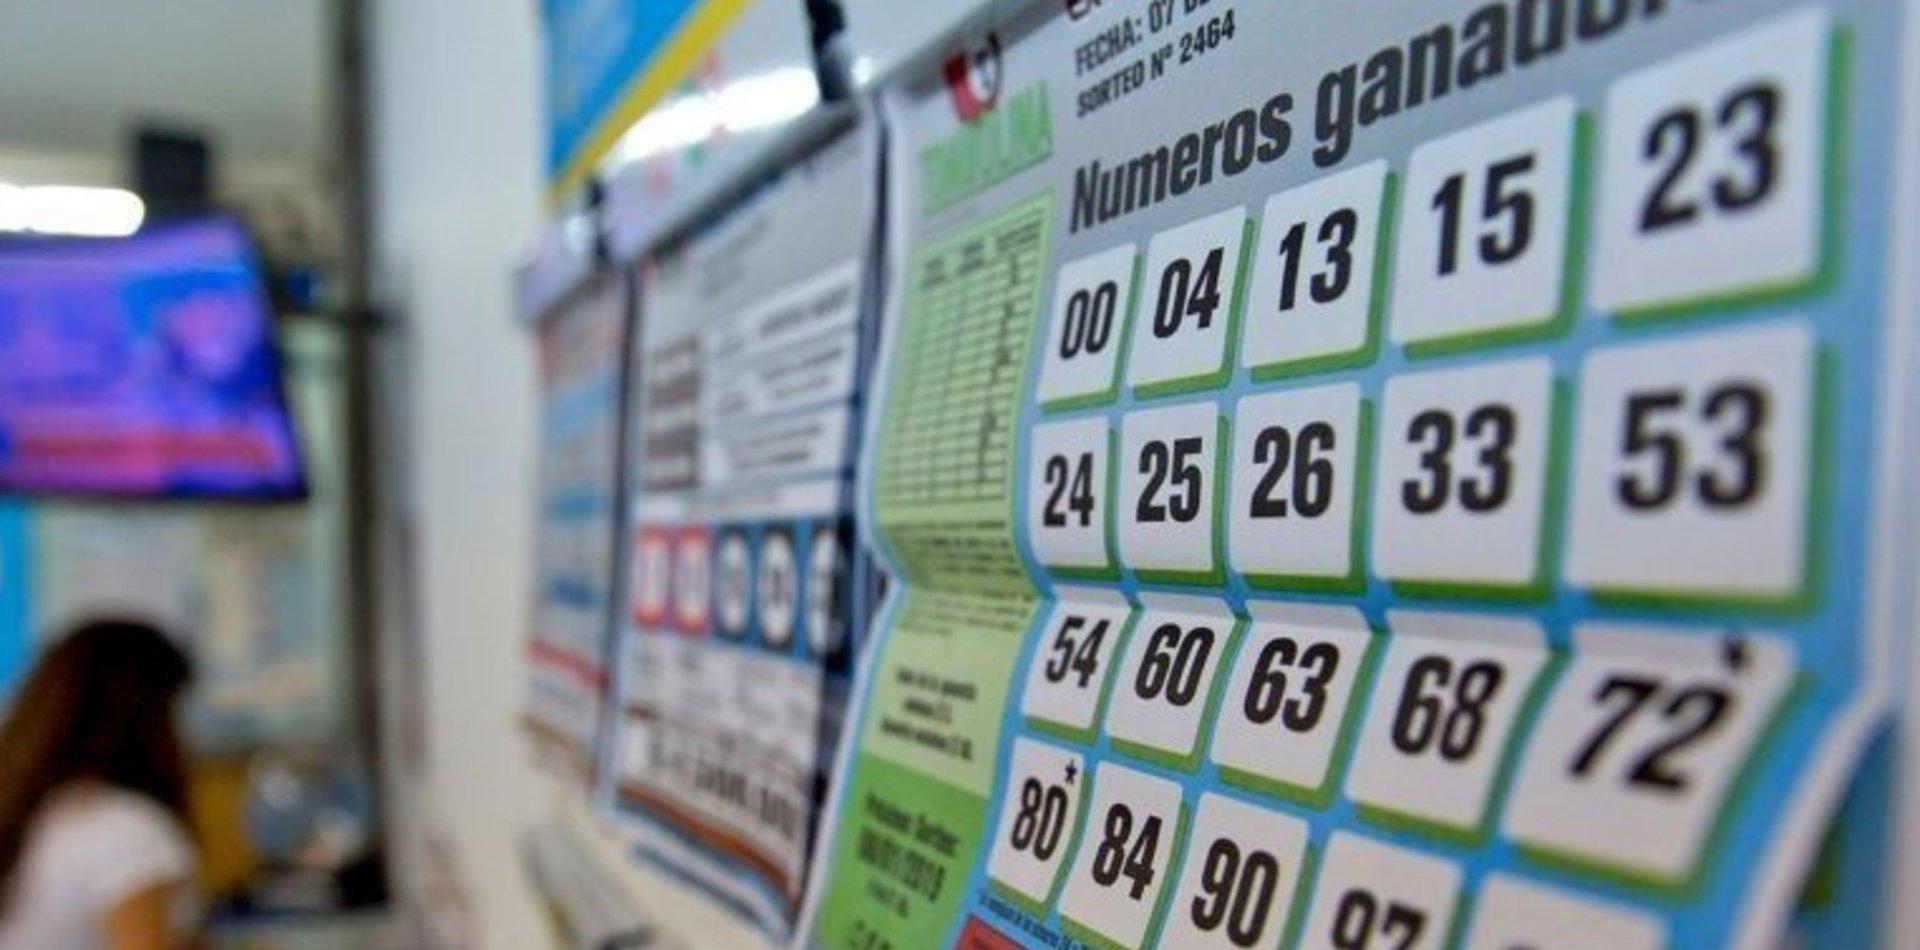 Vuelven los sorteos: habilitaron la reapertura de las agencias de lotería en La Plata